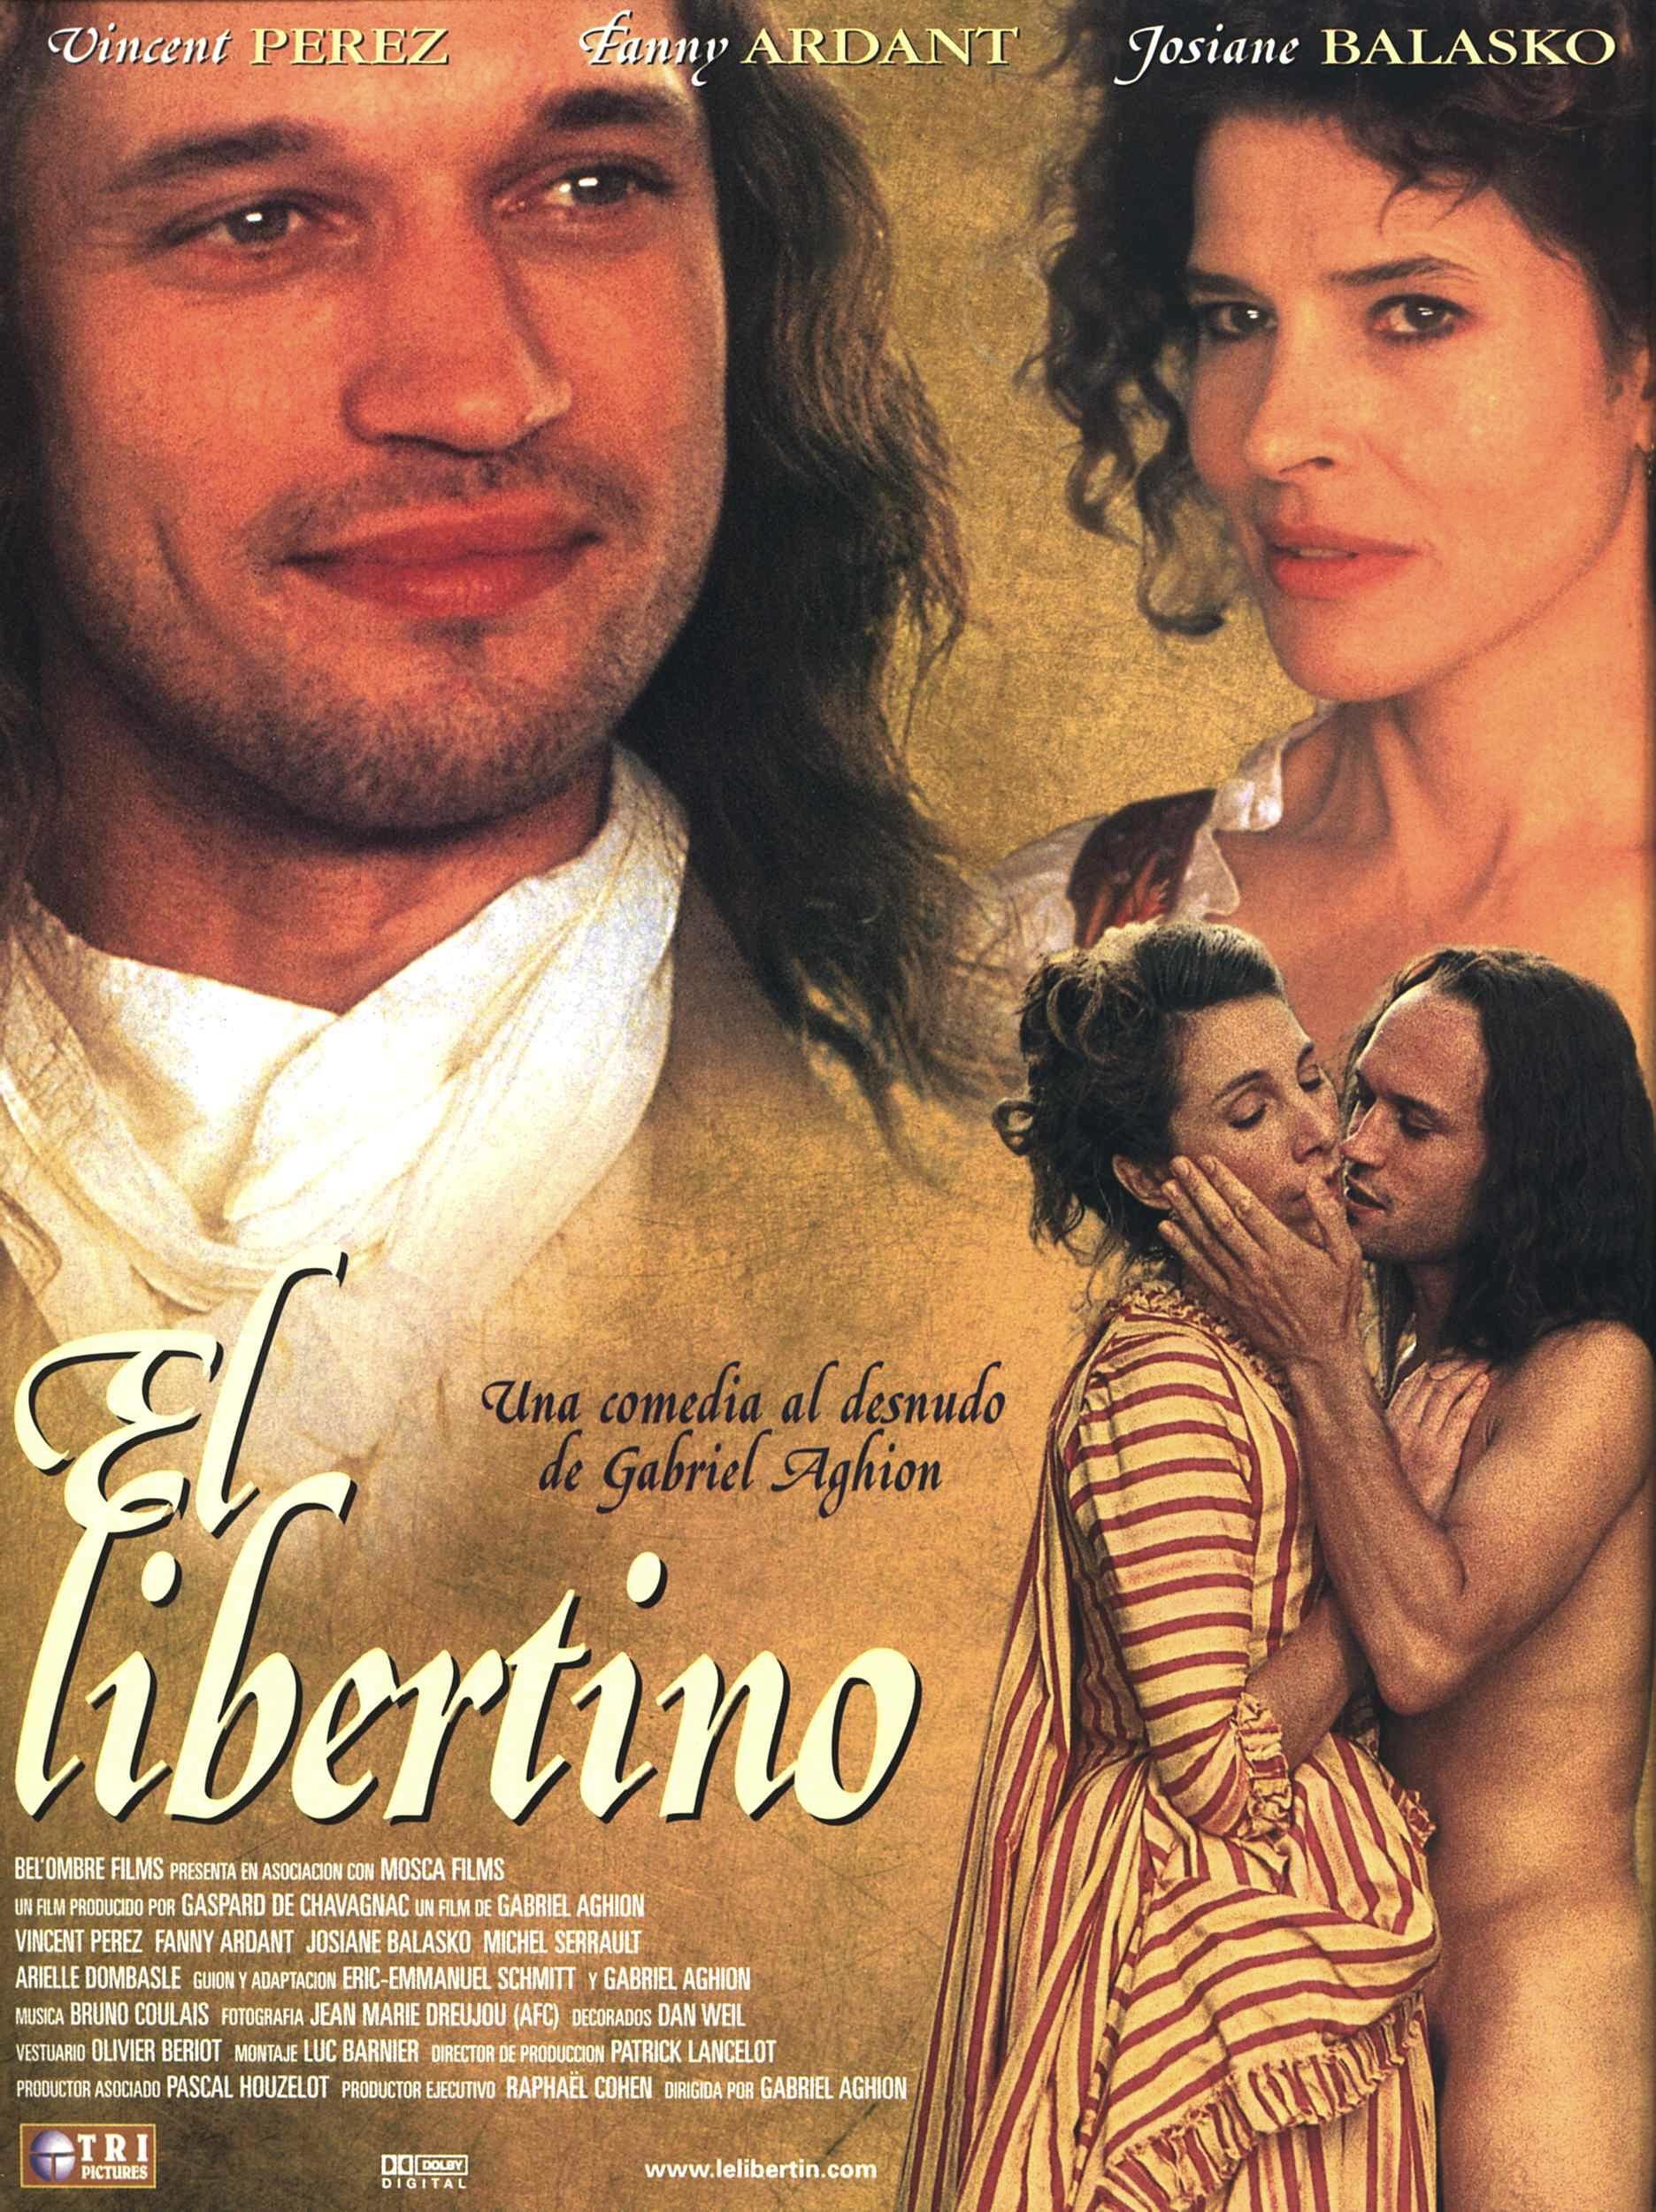 Фильм снят в 2000 году, но почему-то у меня такое ощущение, что я